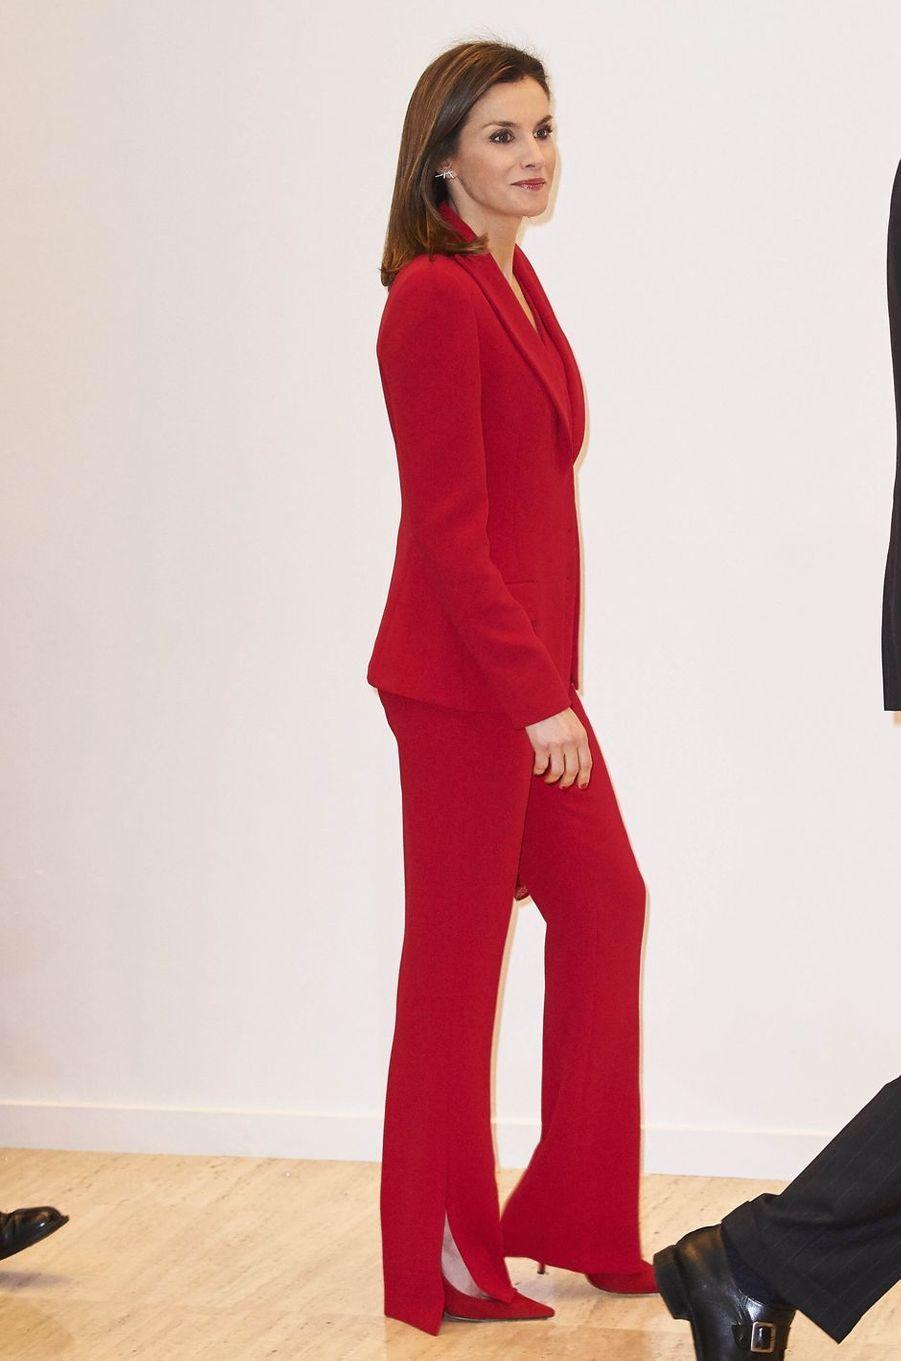 La reine Letizia d'Espagne en total look rouge à Valladolid, le 22 mars 2018